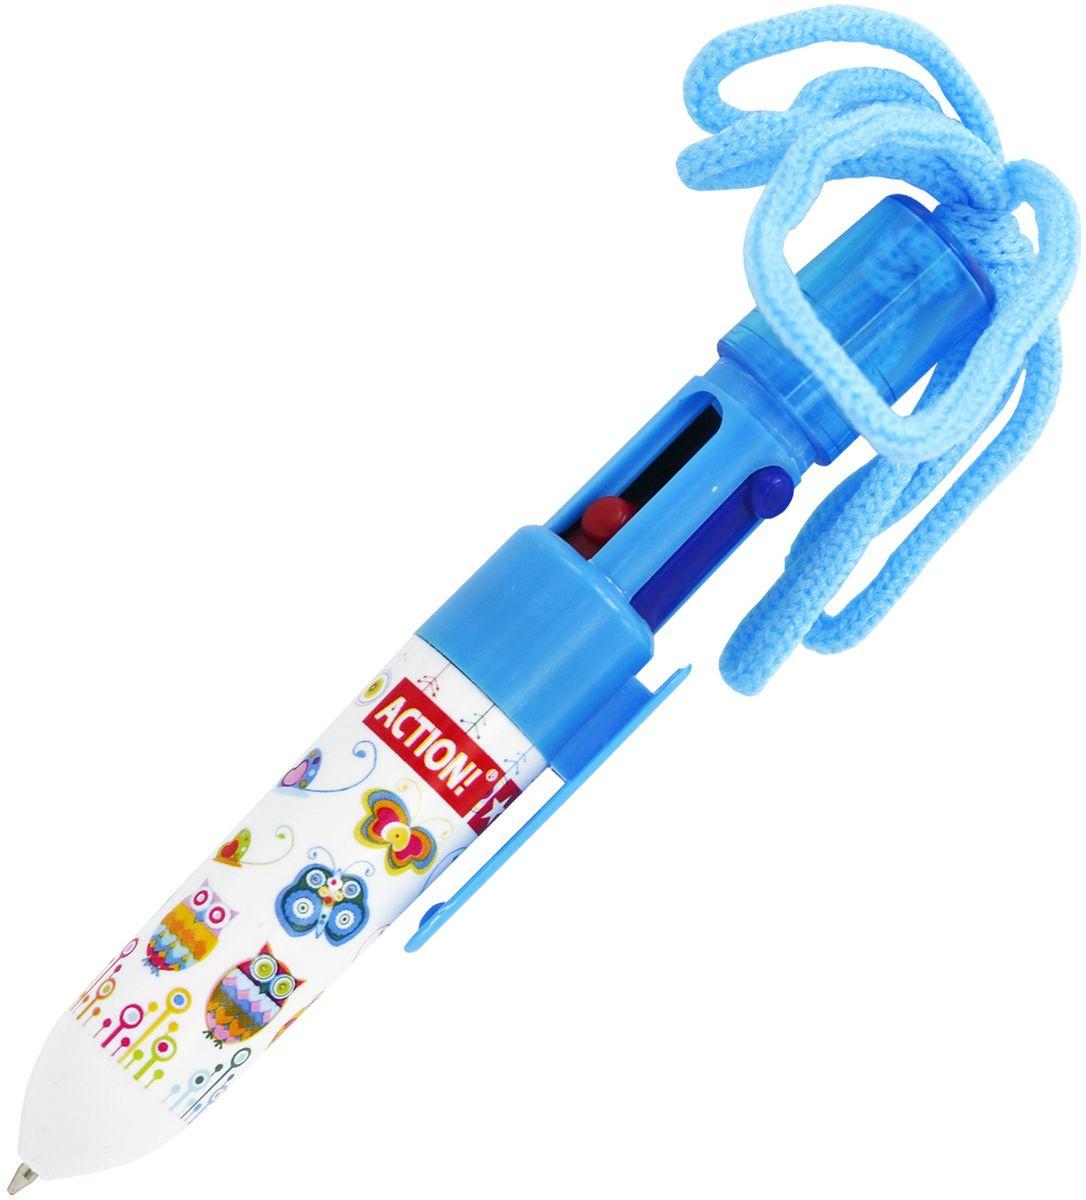 Action! Ручка шариковая на шнурке 4 цветаABP202/4Пластиковый корпус. 4 цвета в одной ручке: черный, синий, зеленый, красный. На шнурке. Диаметр шарика - 0,7 мм. В пакете с европодвесом.